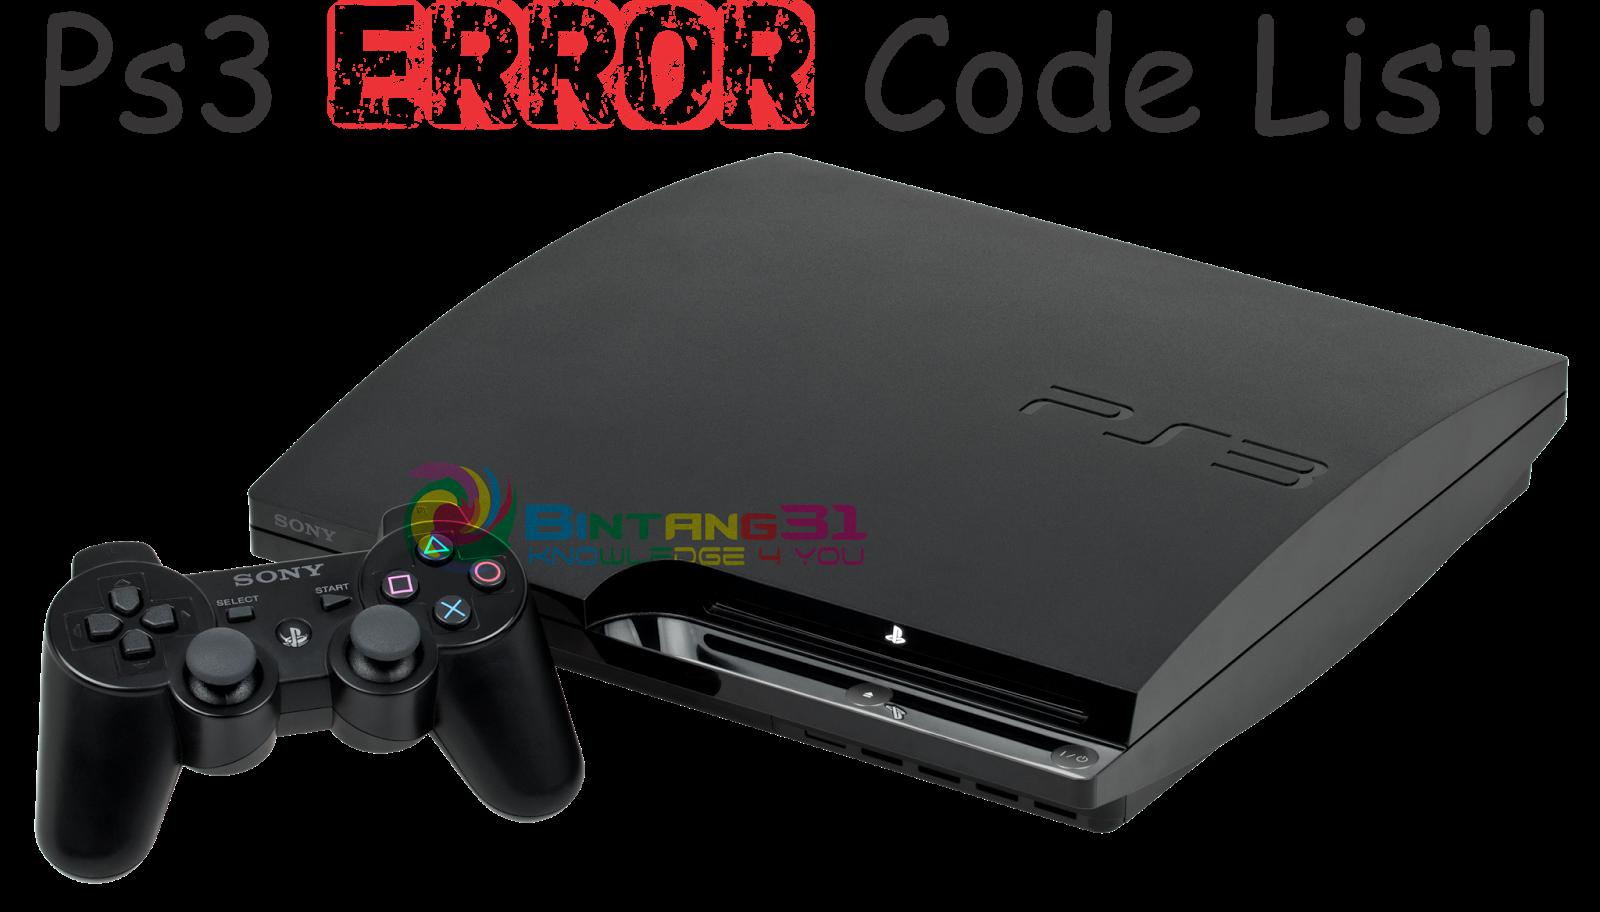 PS3 Error Code List (Daftar kode Error PS3)